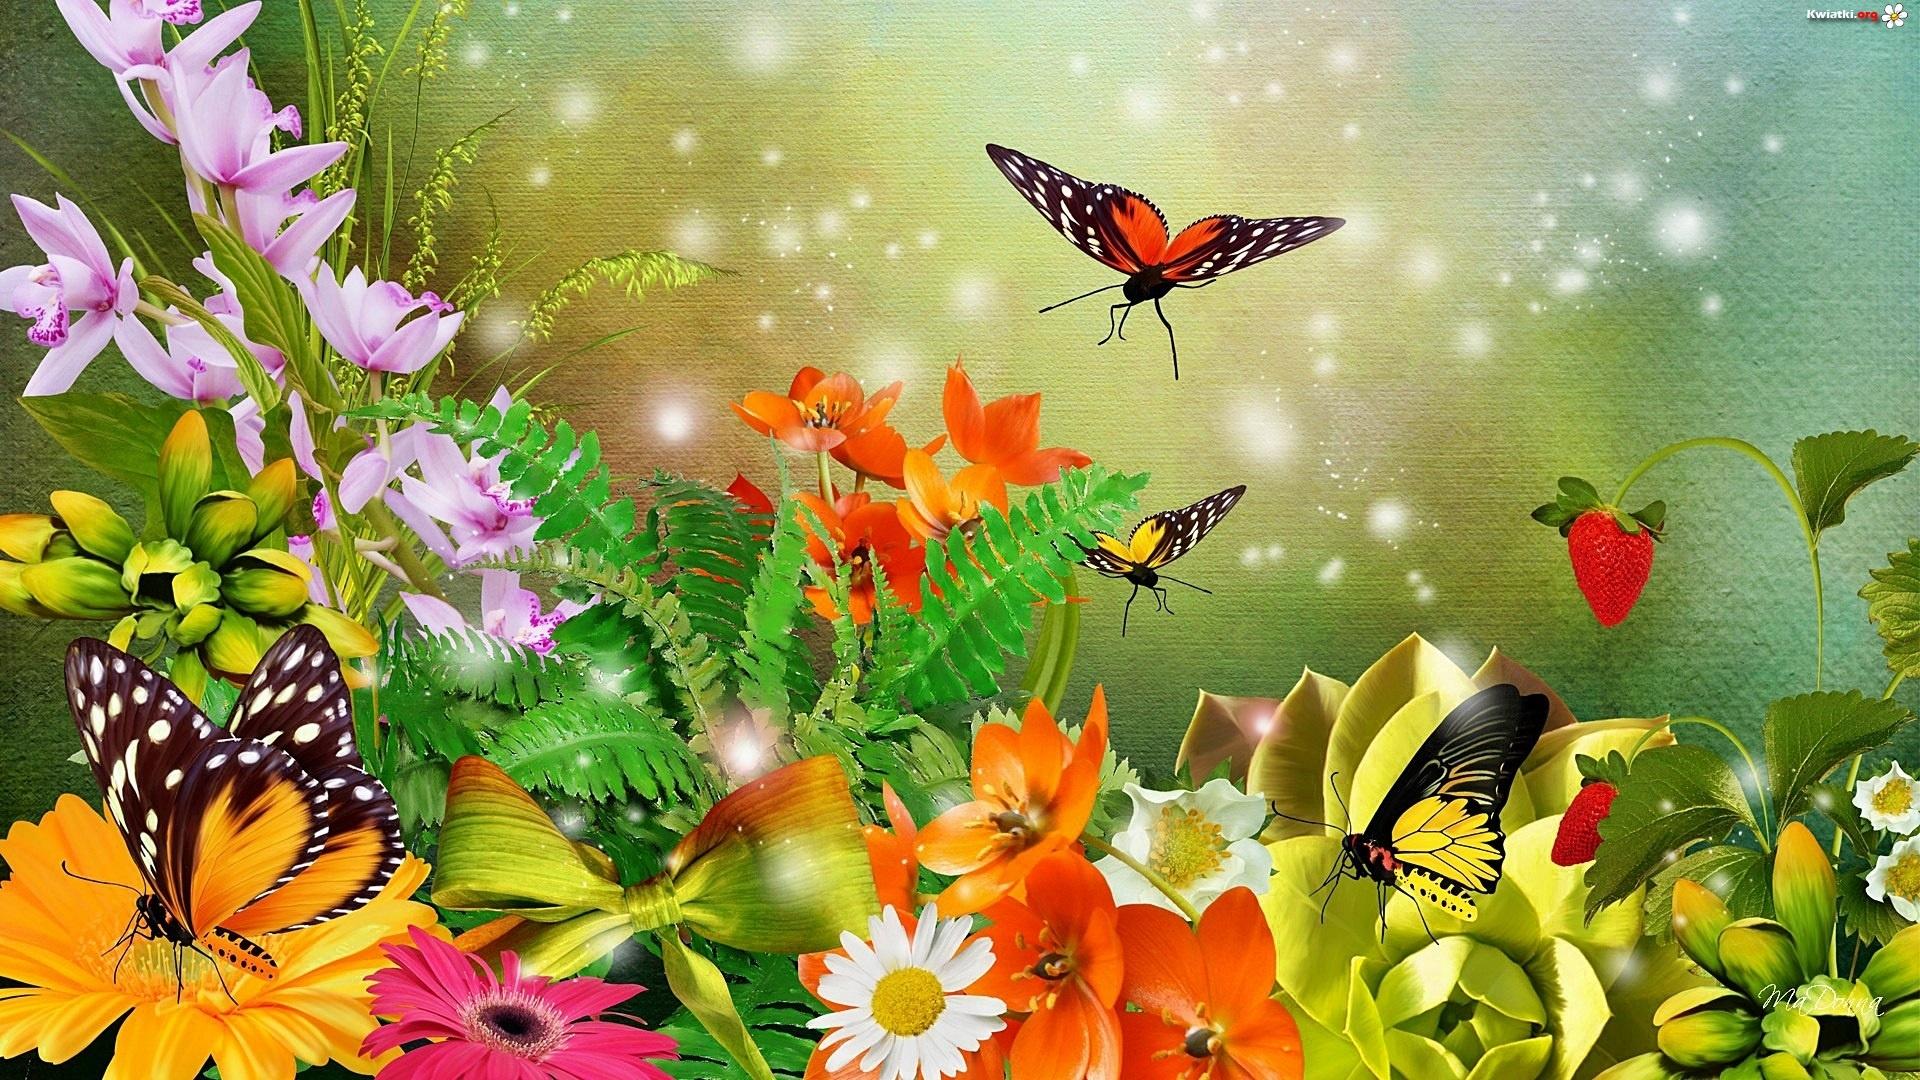 Tinkerbell Fall Wallpaper Kolorowe Kwiaty Motyle Art Zdjęcia